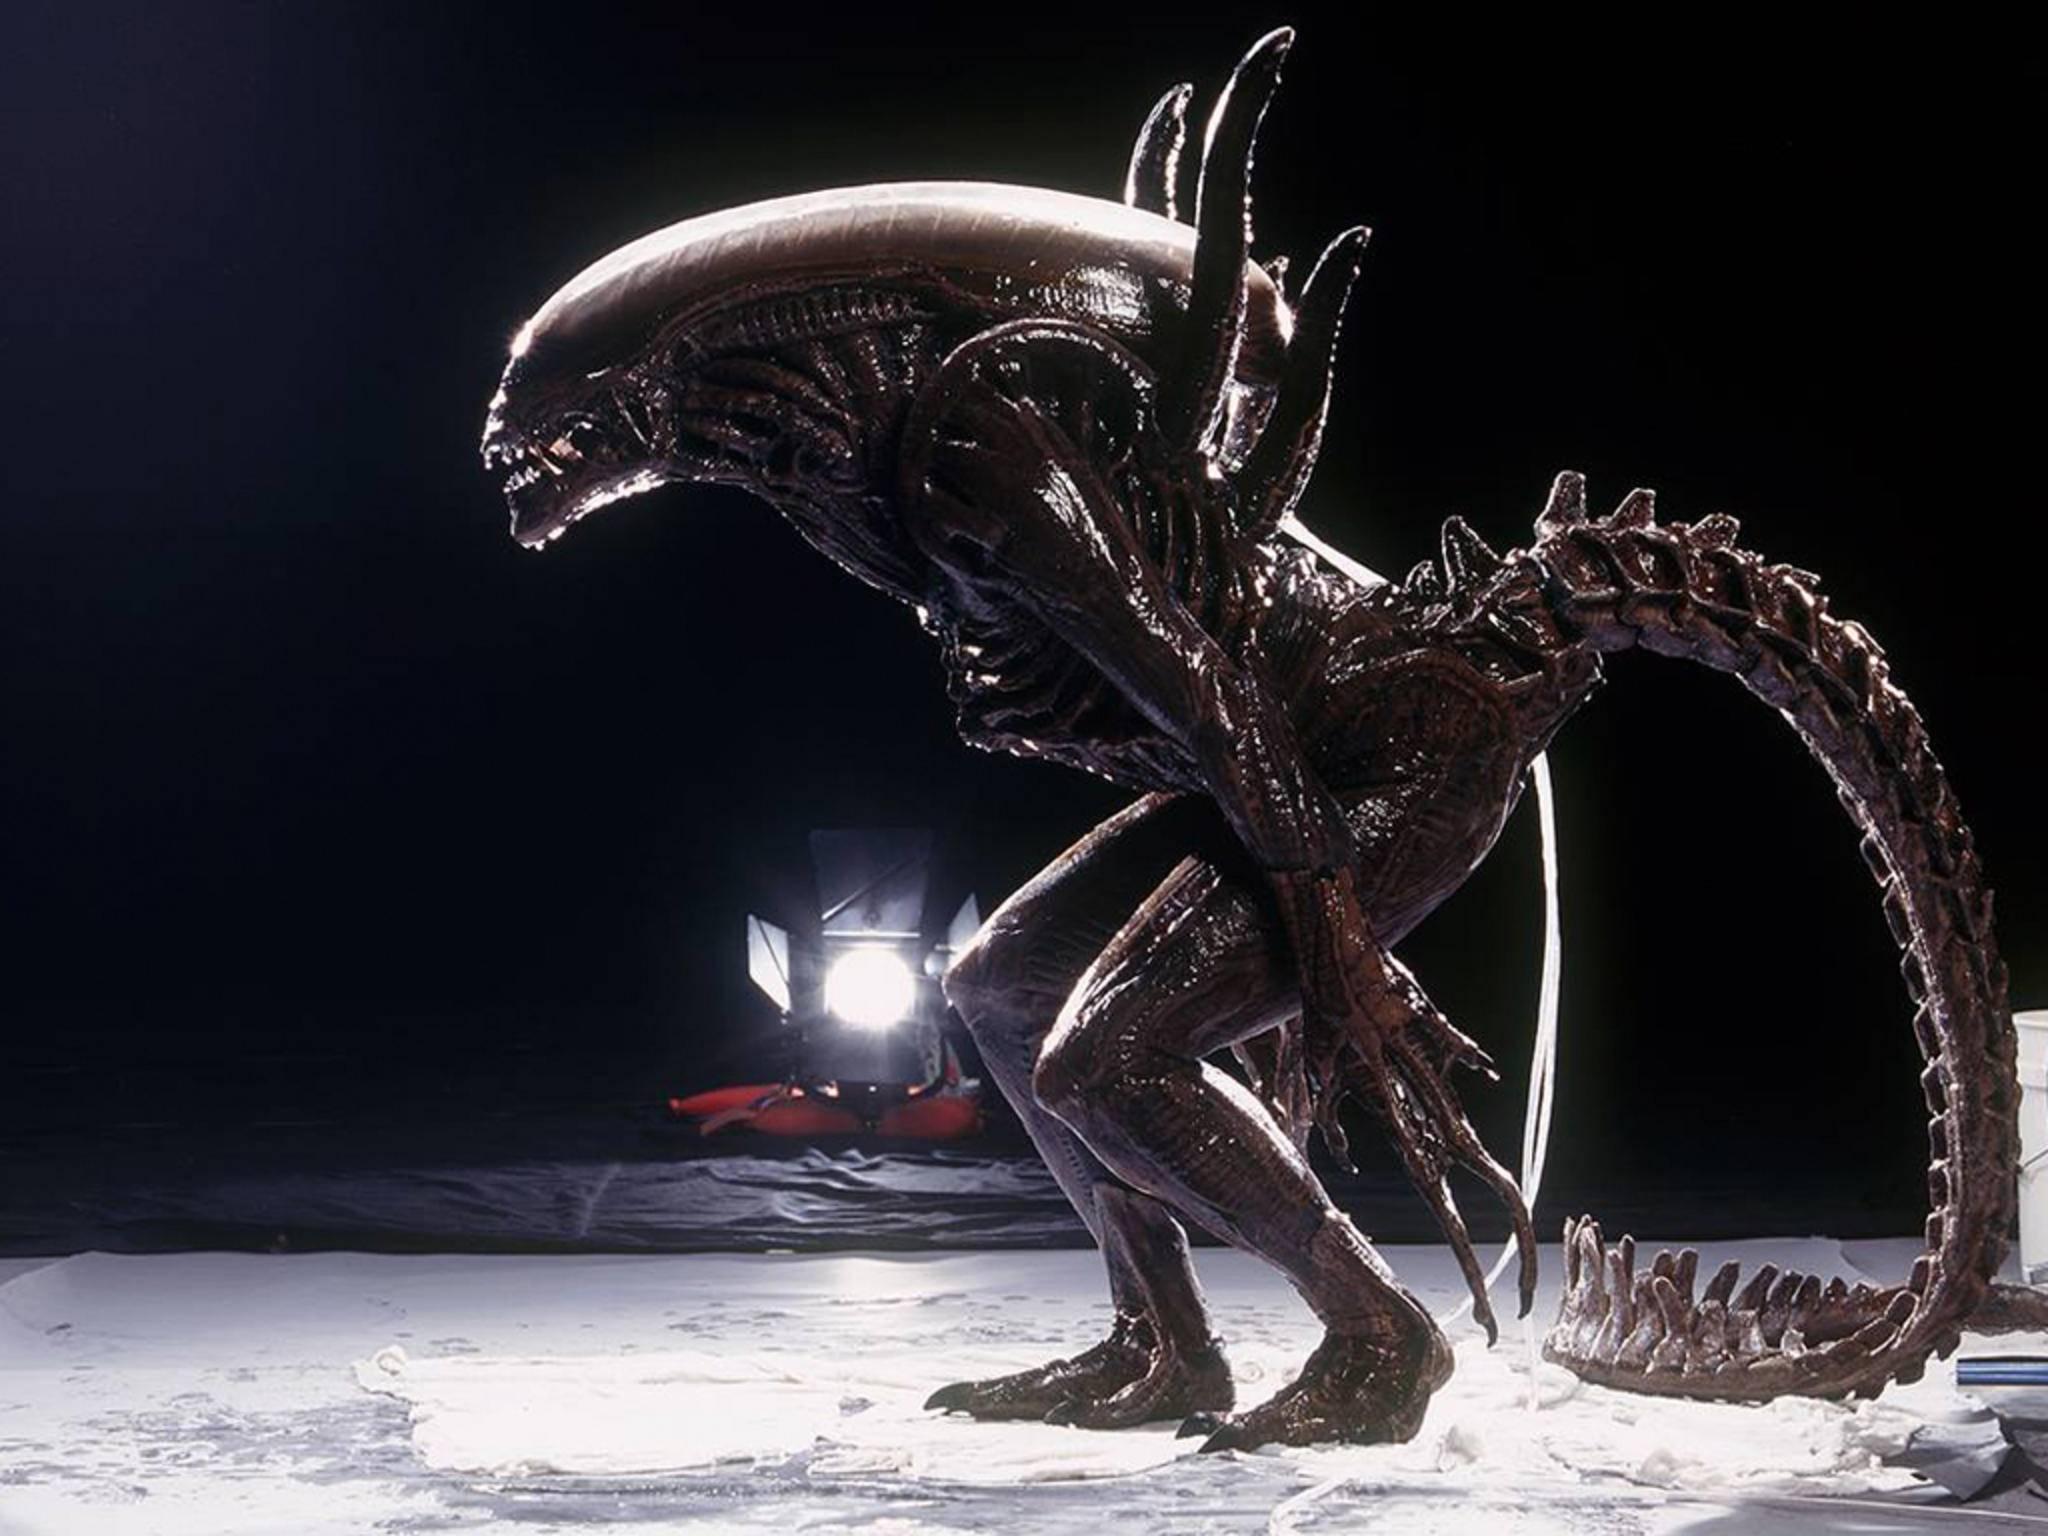 Viele Regisseure setzen auf echte Modelle statt auf CGI.